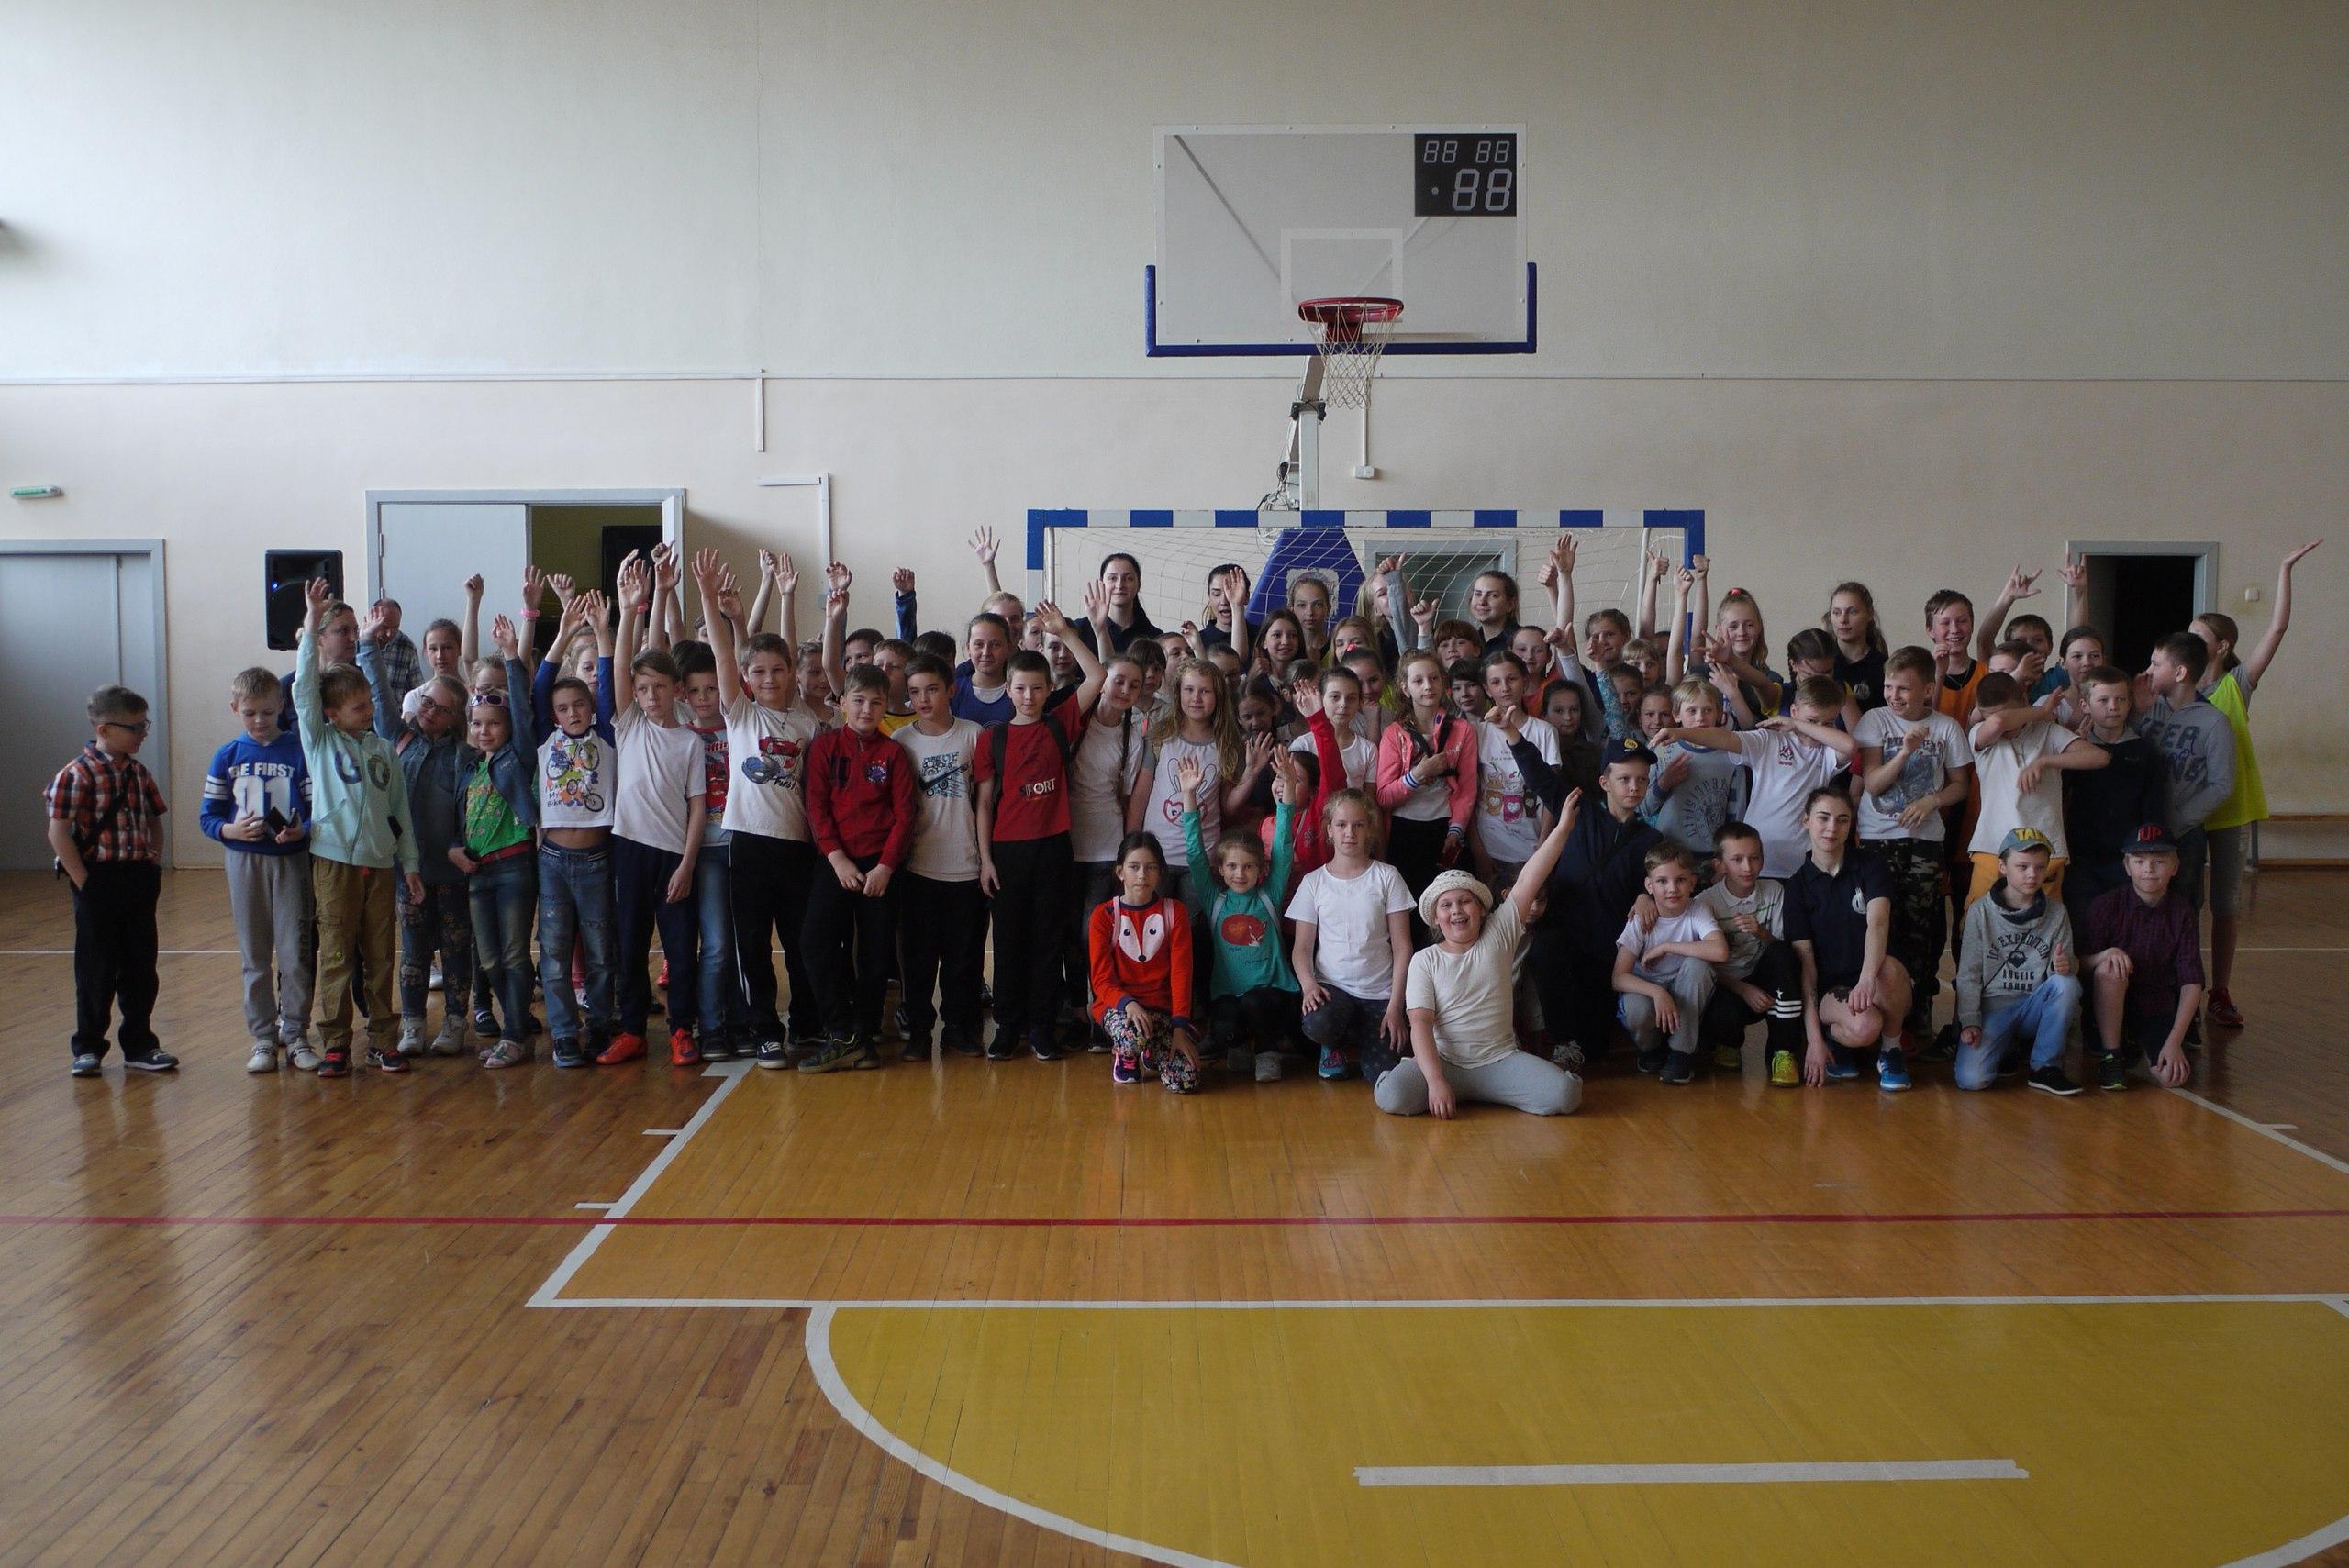 Встреча учащихся школы с представителями Витебского областного клуба по игровым видам спорта